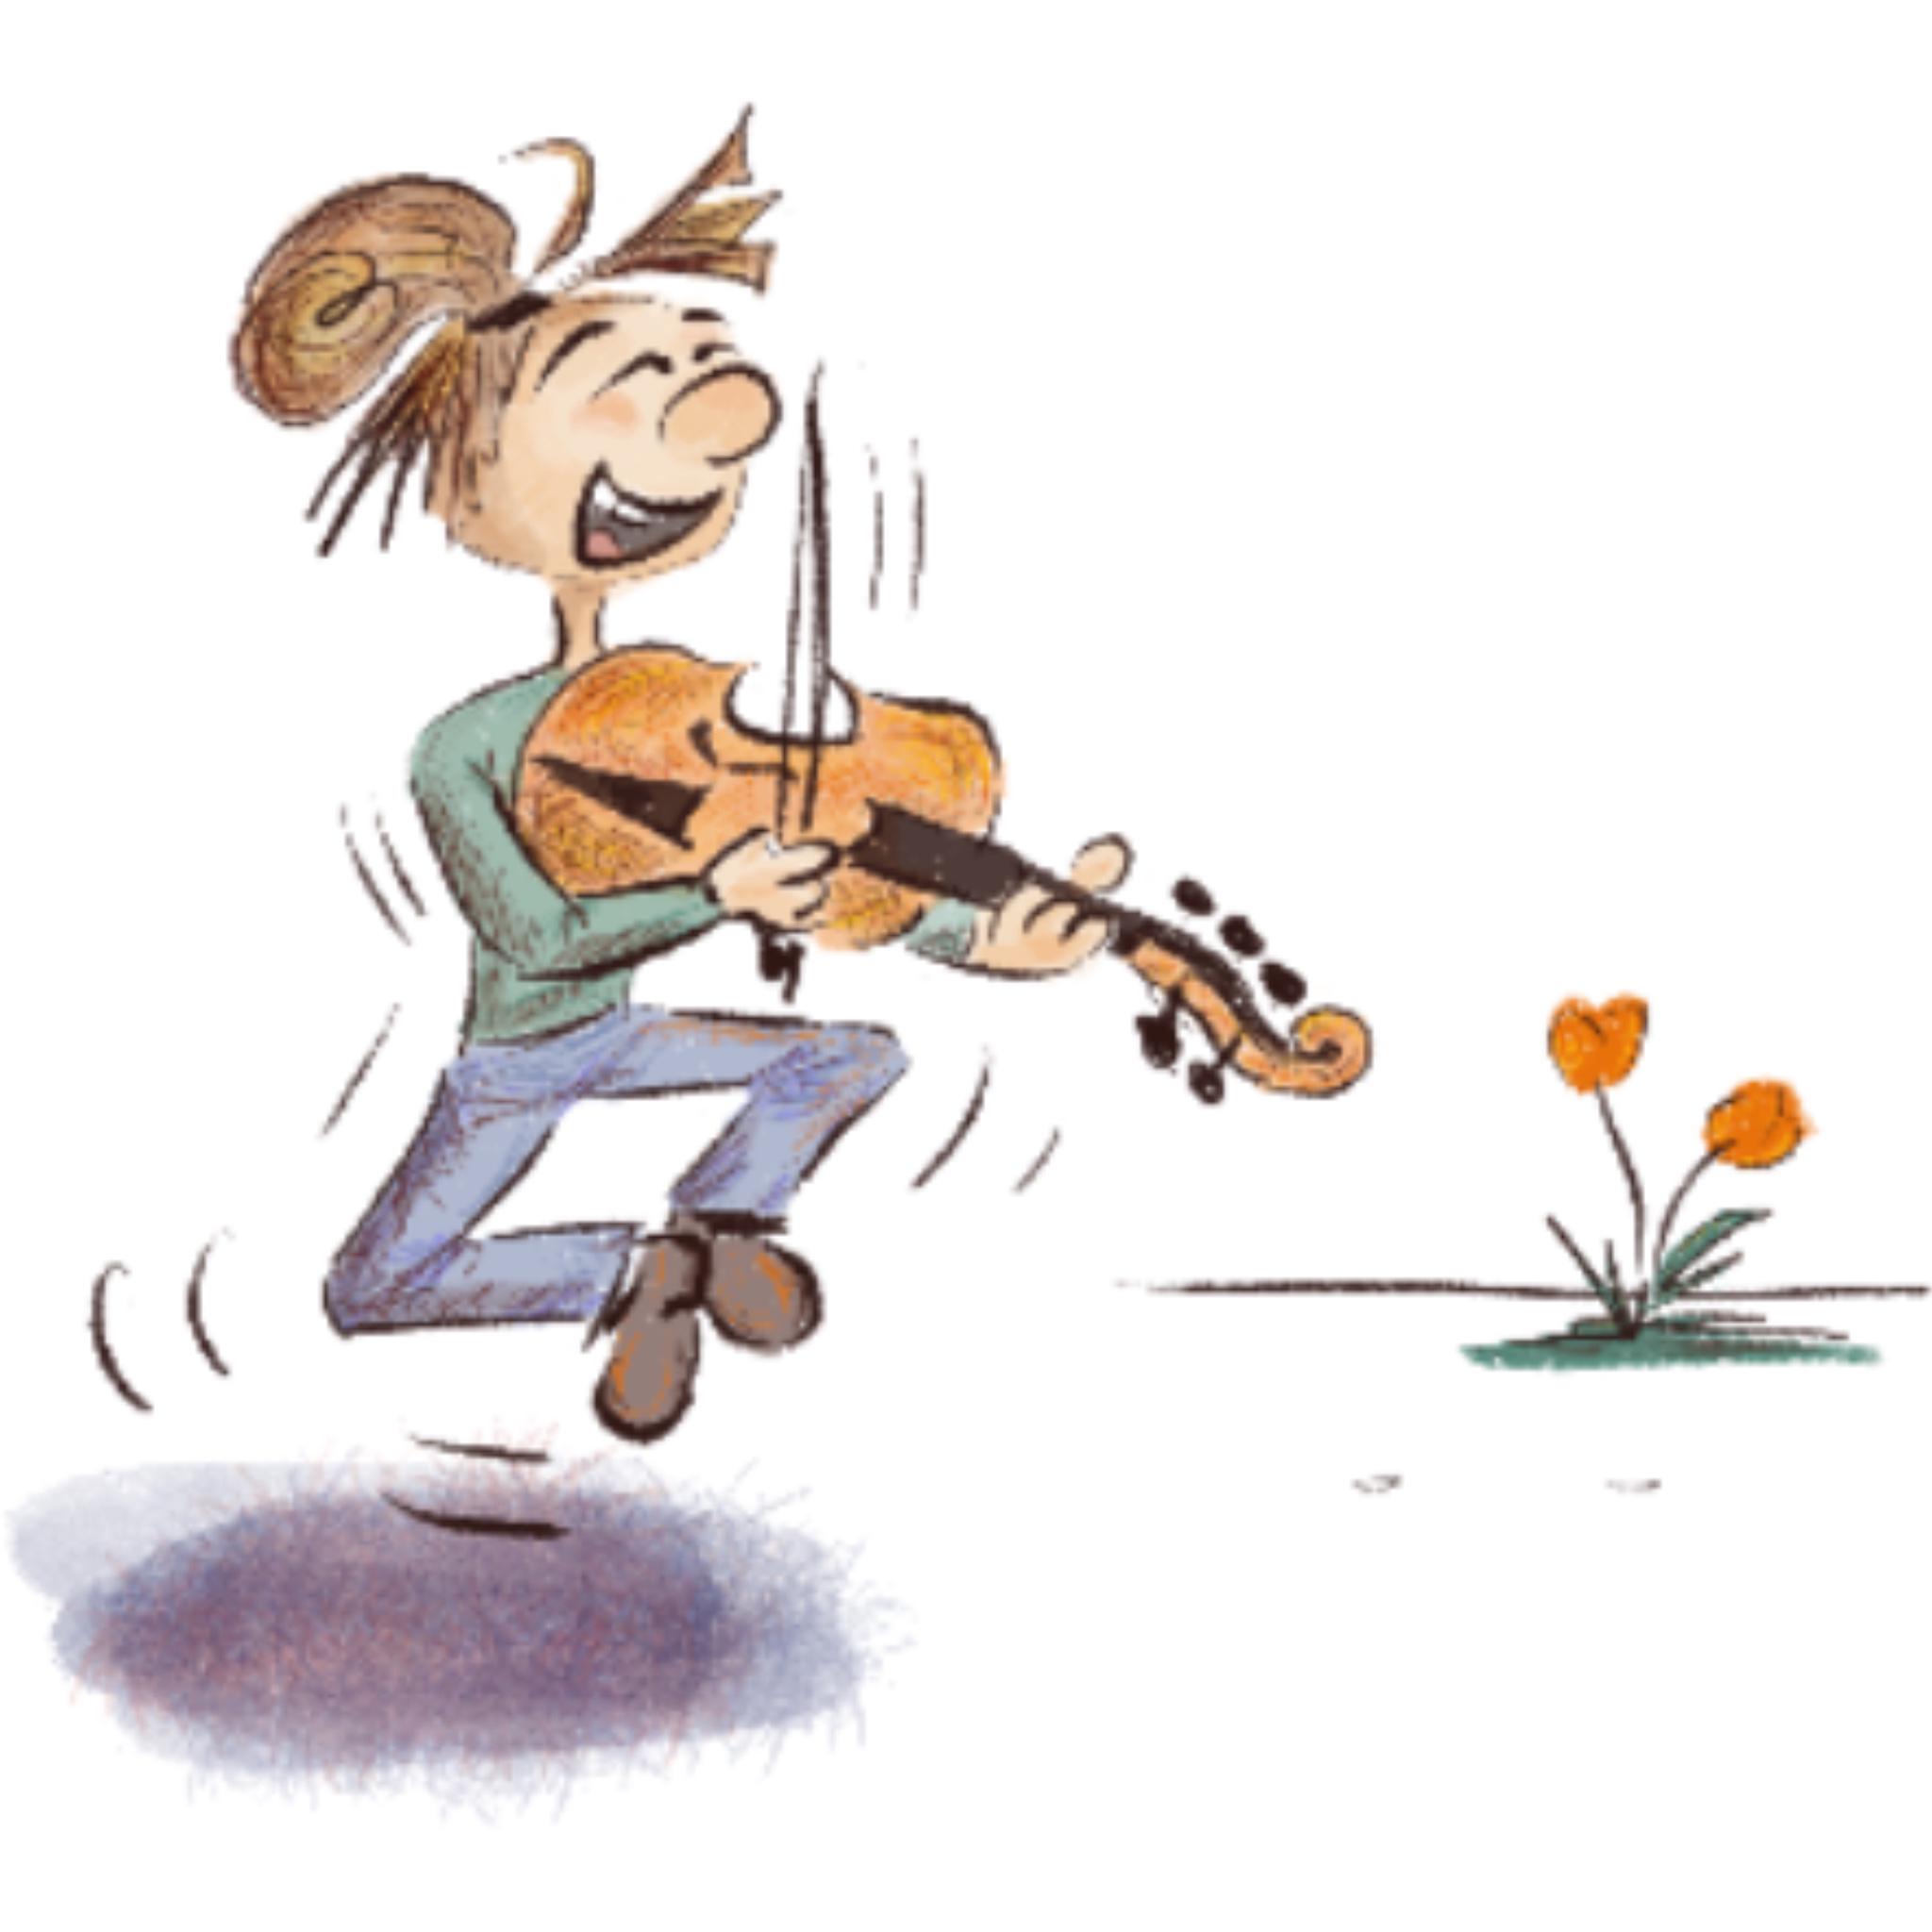 Suonare il violoncello da spalla con gioia visintini gaidano